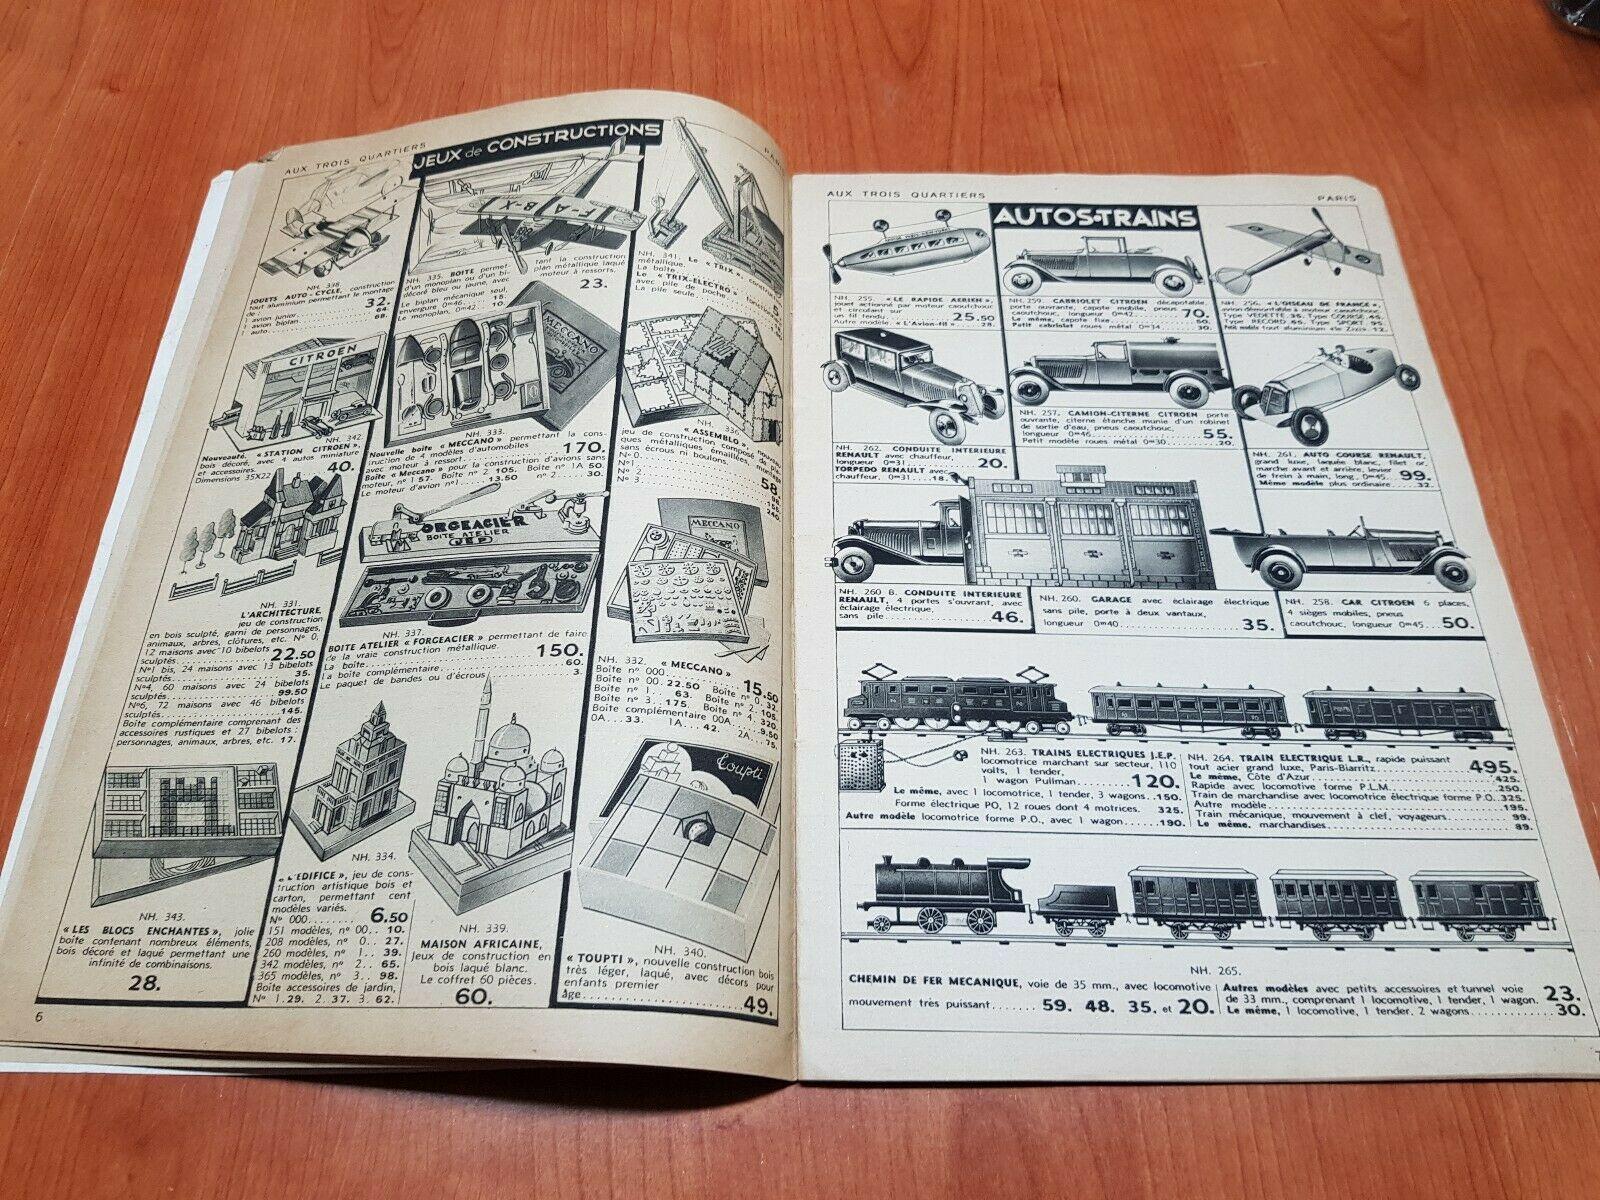 CATALOGUE JOUETS ANCIENS ETRENNES - AUX TROIS QUARTIERS 1932 GORSKY FRERES3